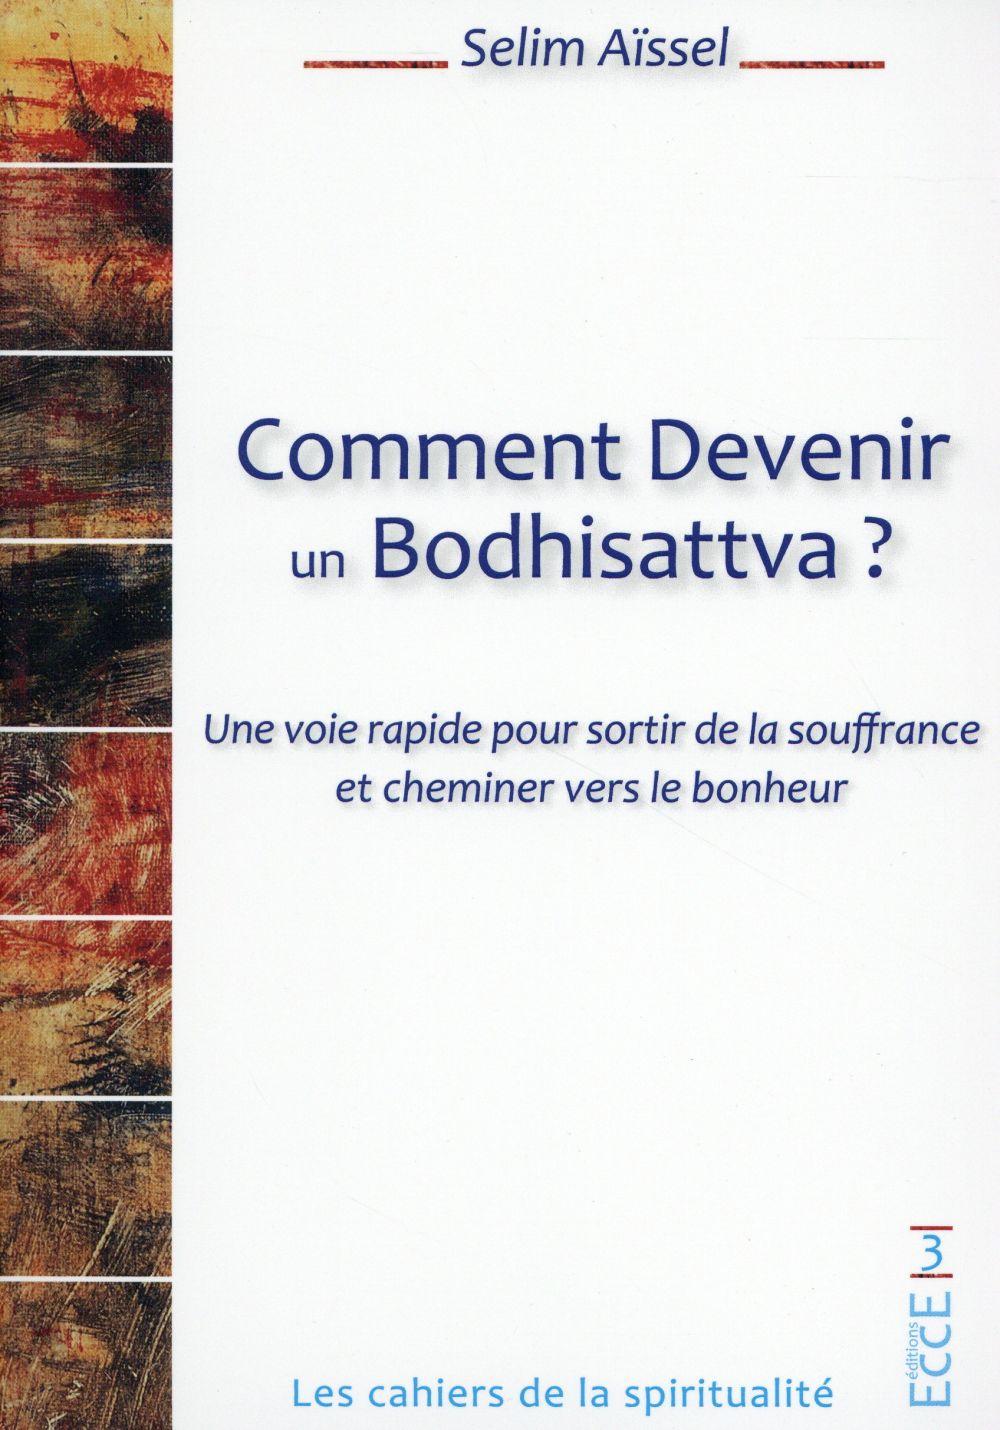 Comment devenir un Bodhisattva ? une voie rapide pour sortir de la souffrance et cheminer vers le bonheur